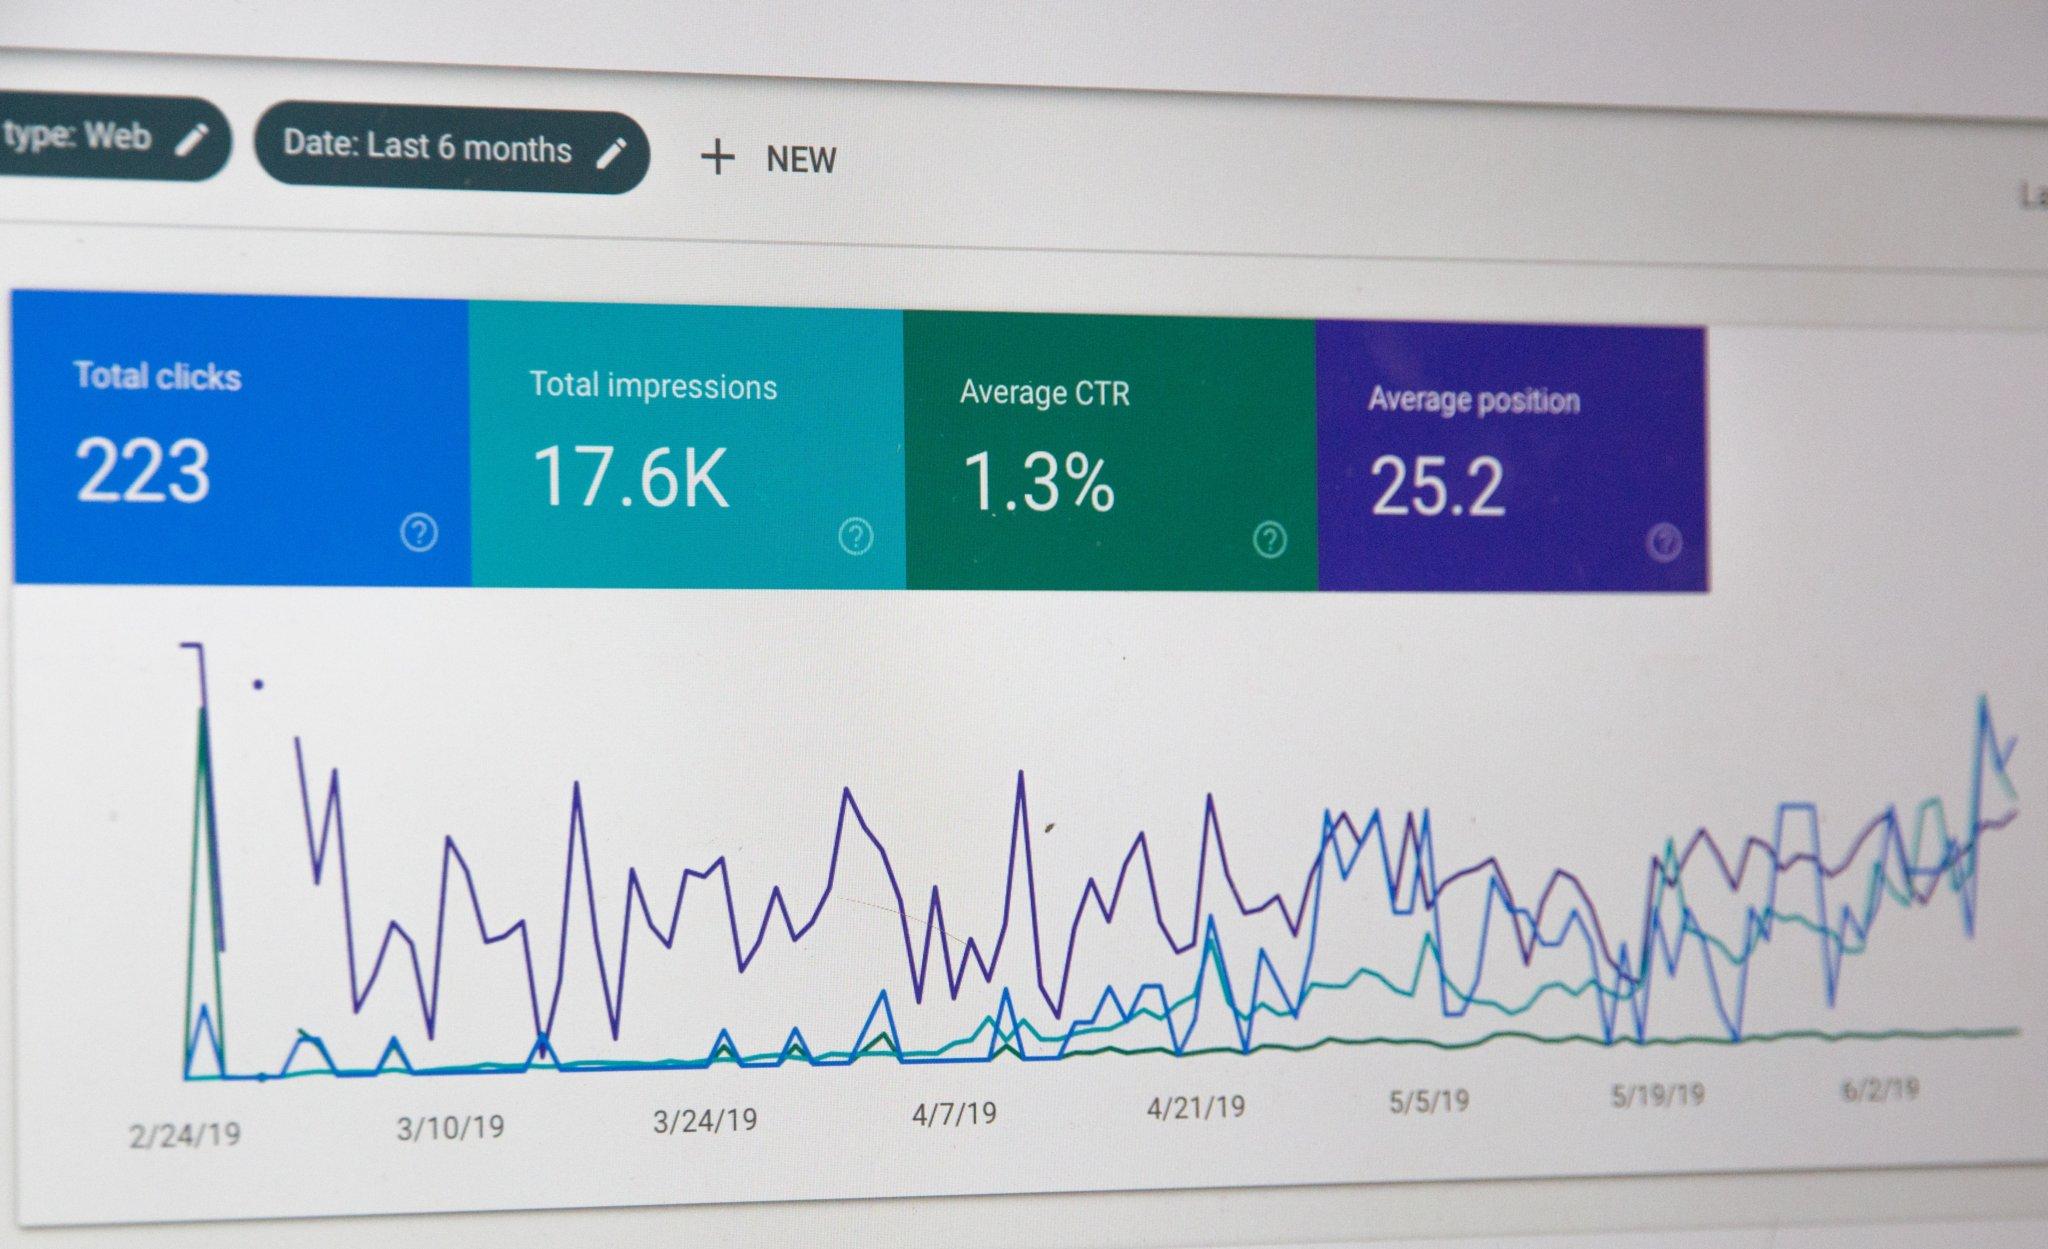 SEO Metrics tracking